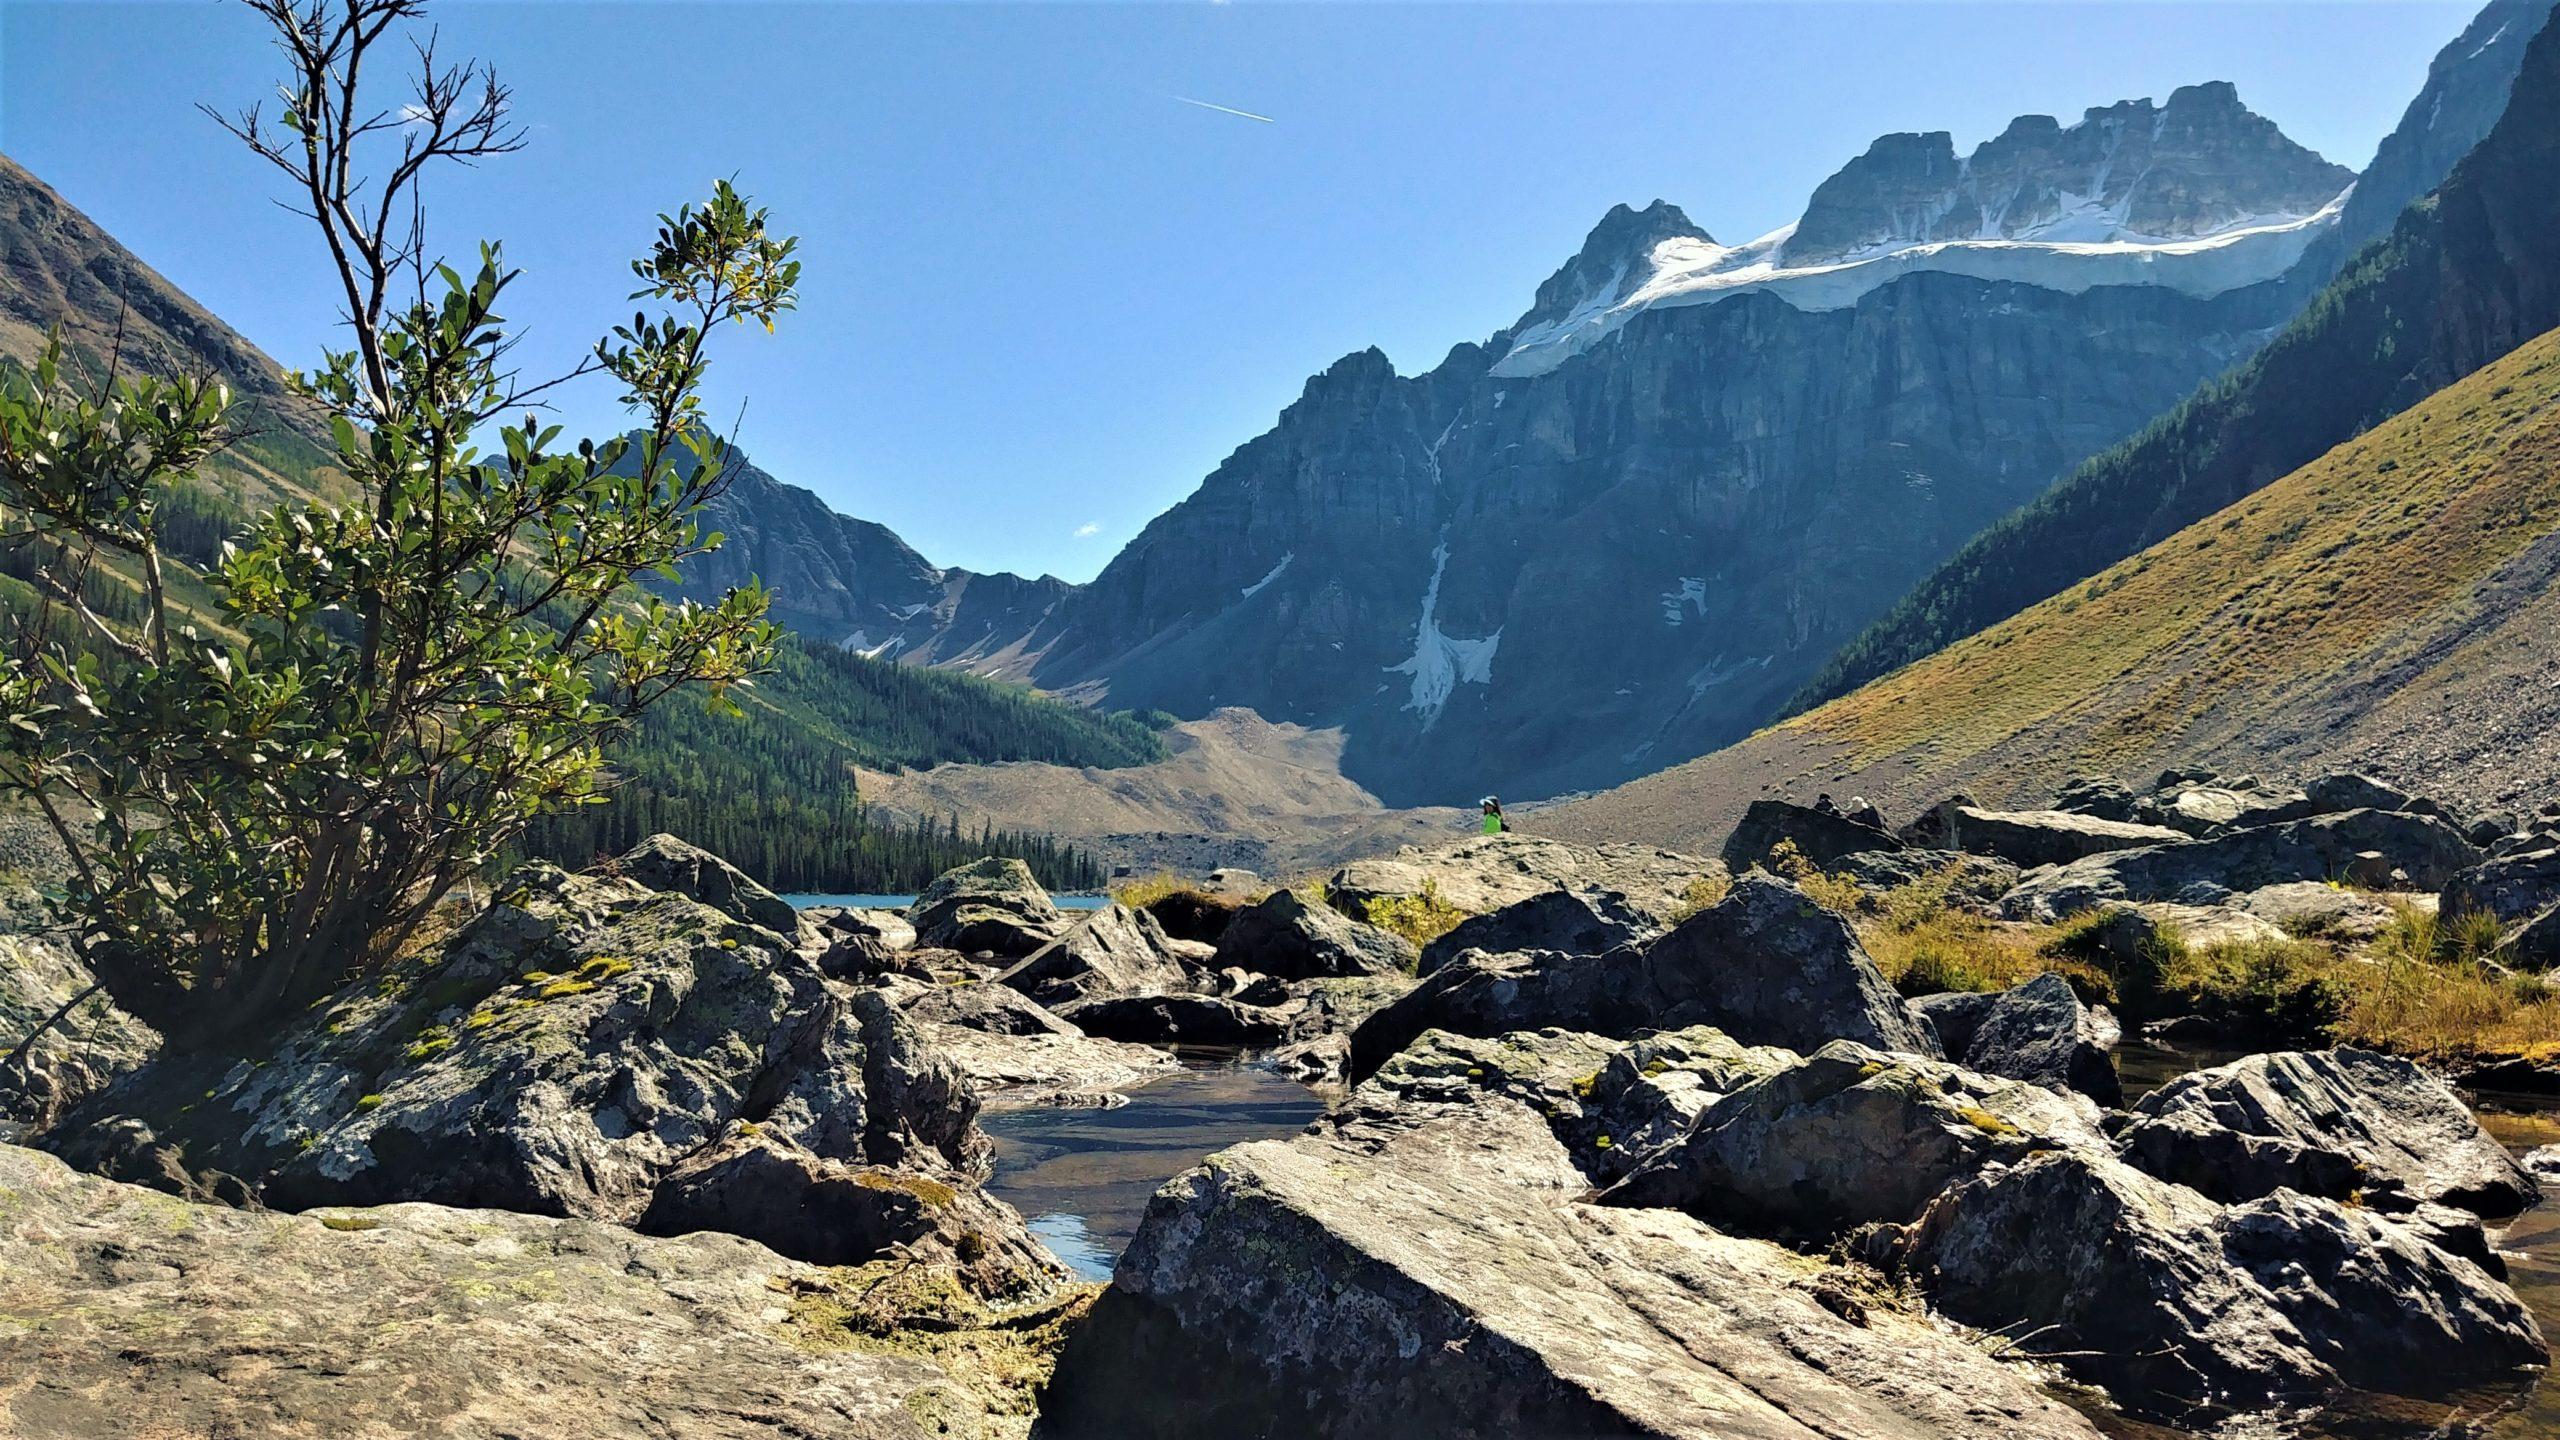 Randonnée parc national Banff Canada